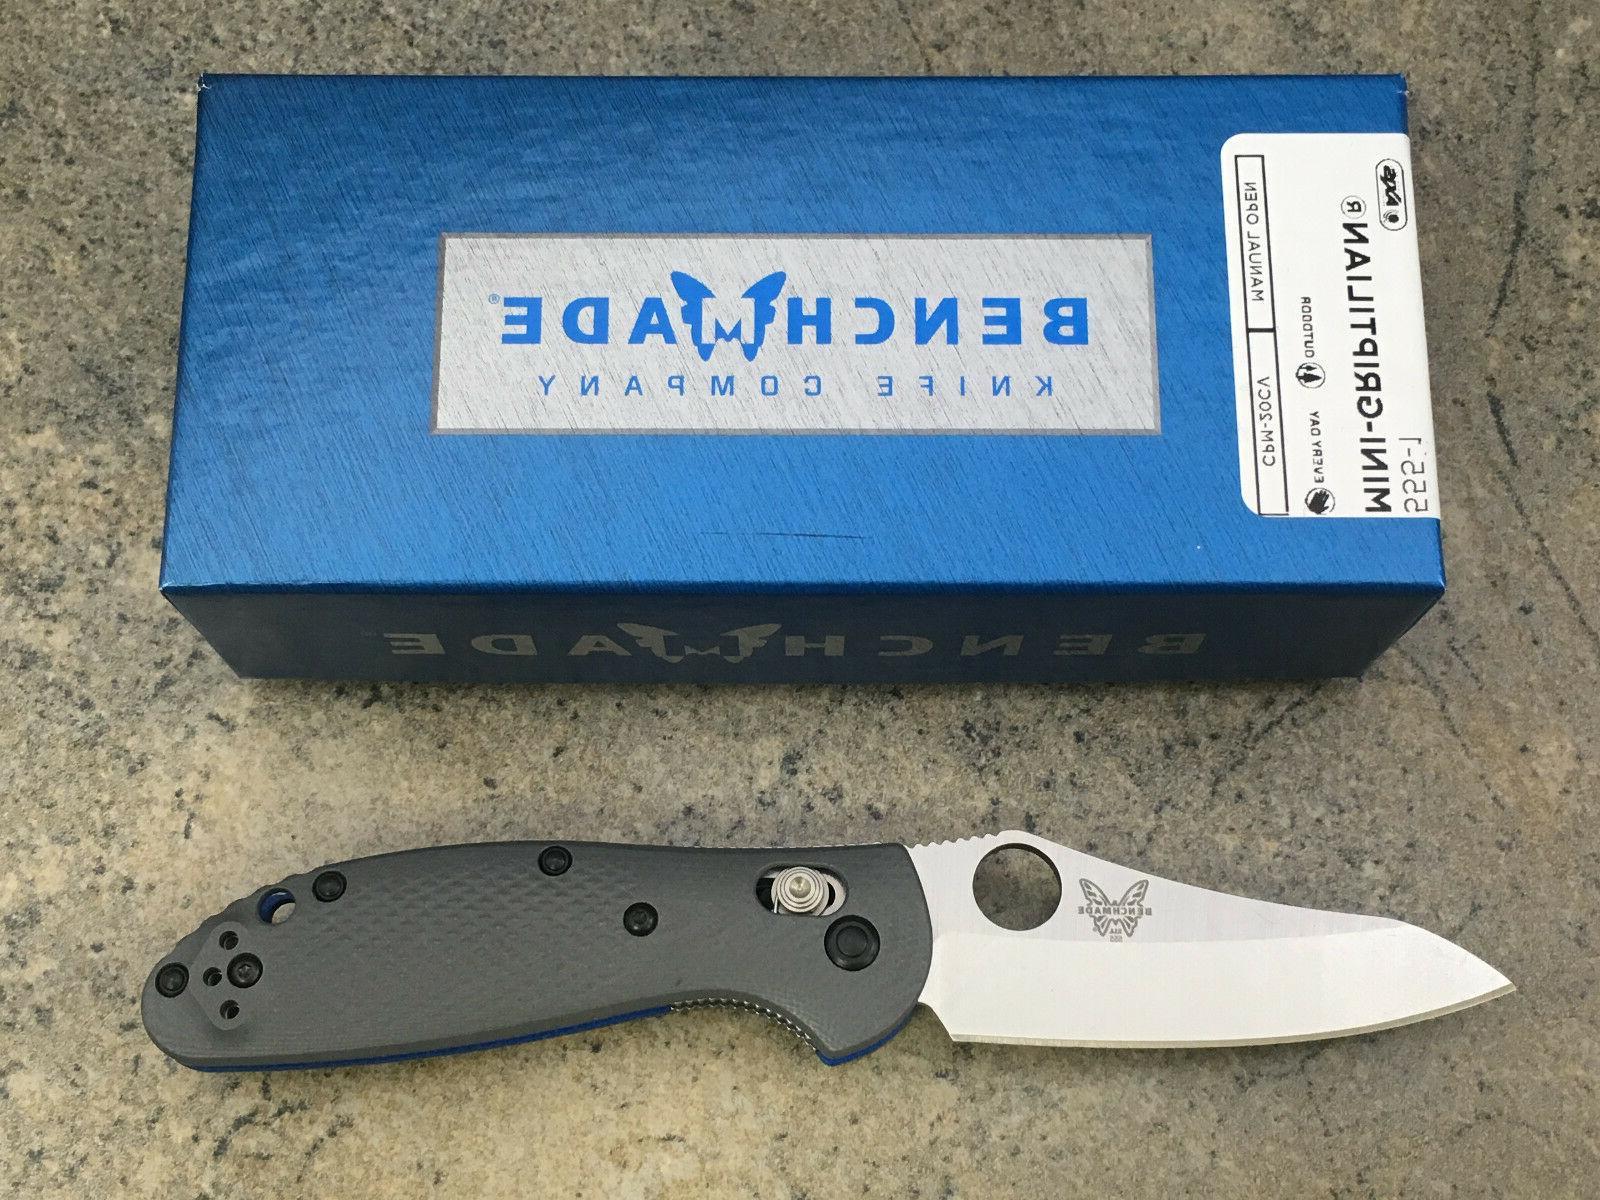 Knife, Gray Finish